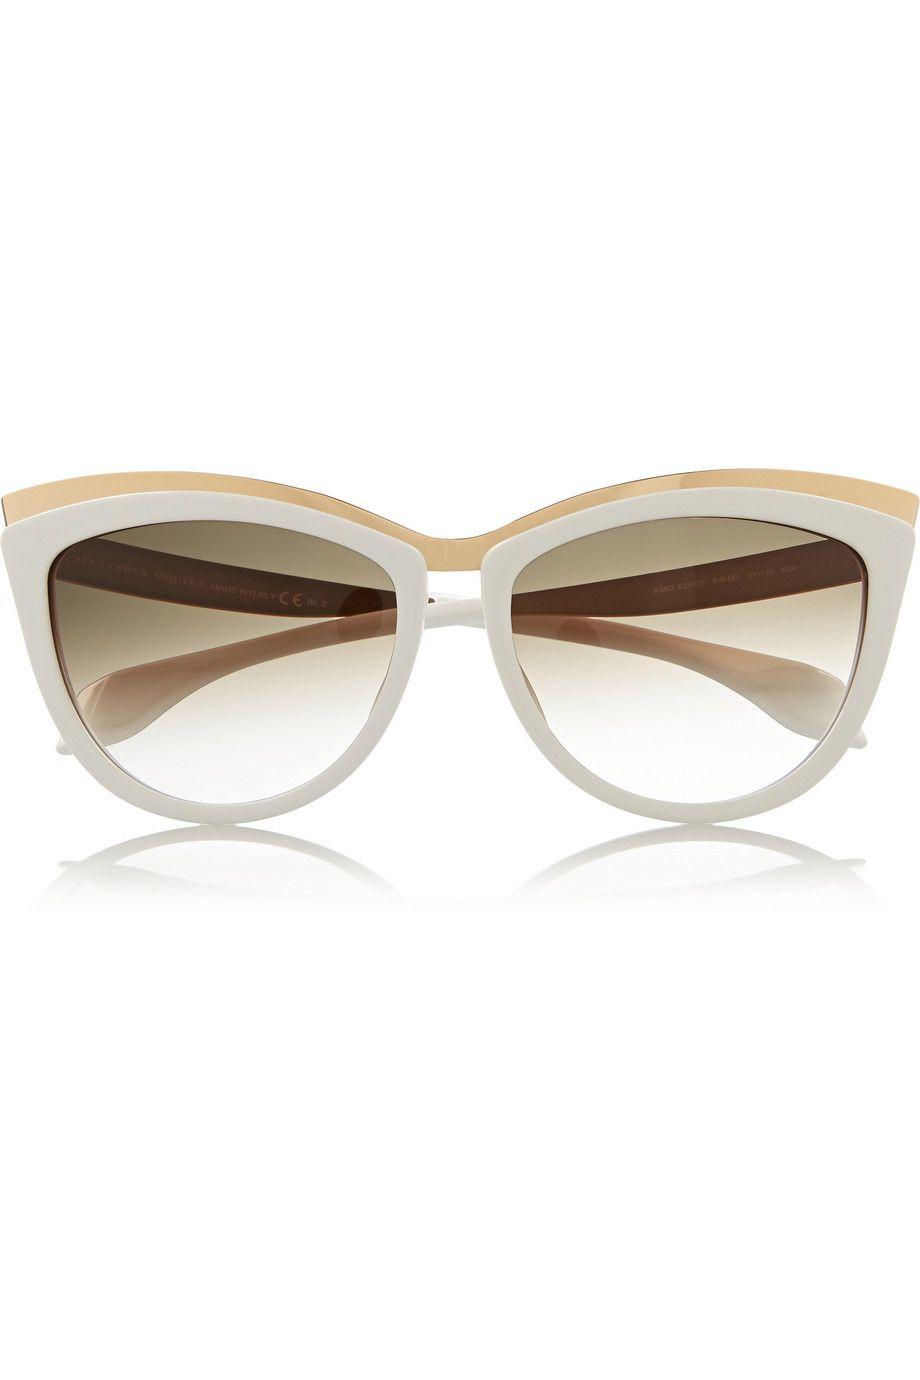 Alexander McQueen|Cat eye acetate and metal sunglasses|NET-A-PORTER.COM